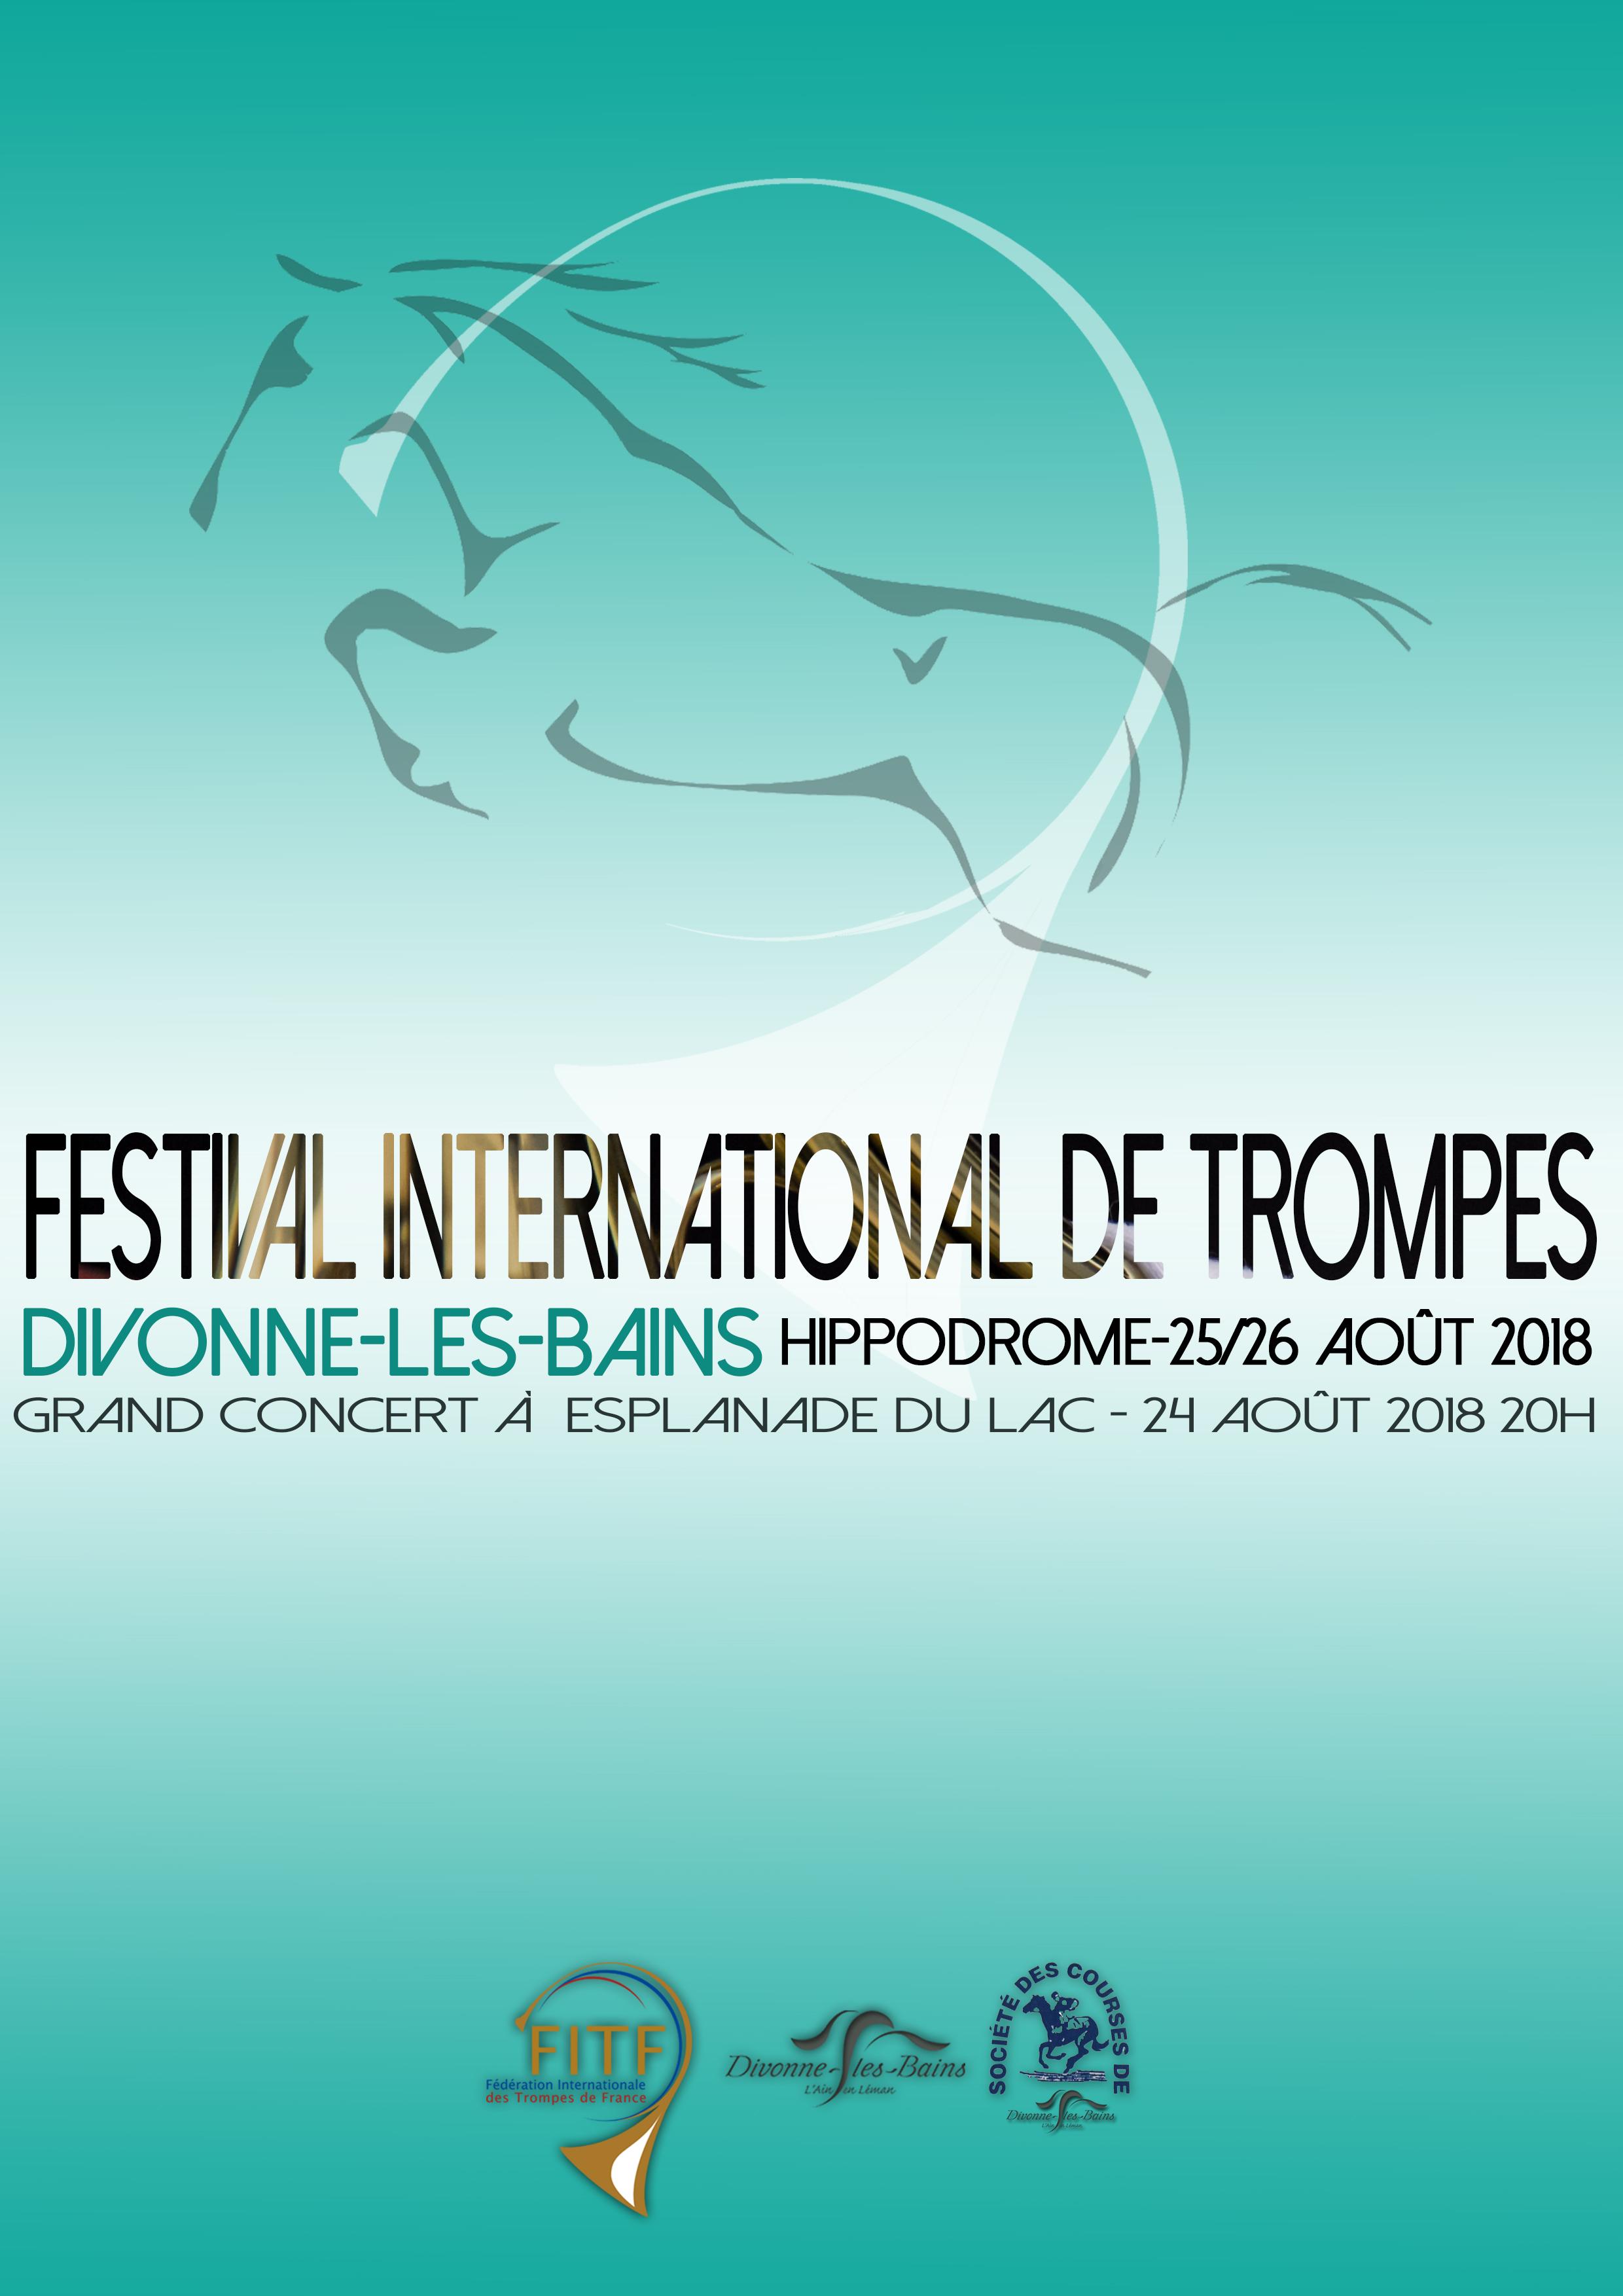 fitf festival international divonne 2018